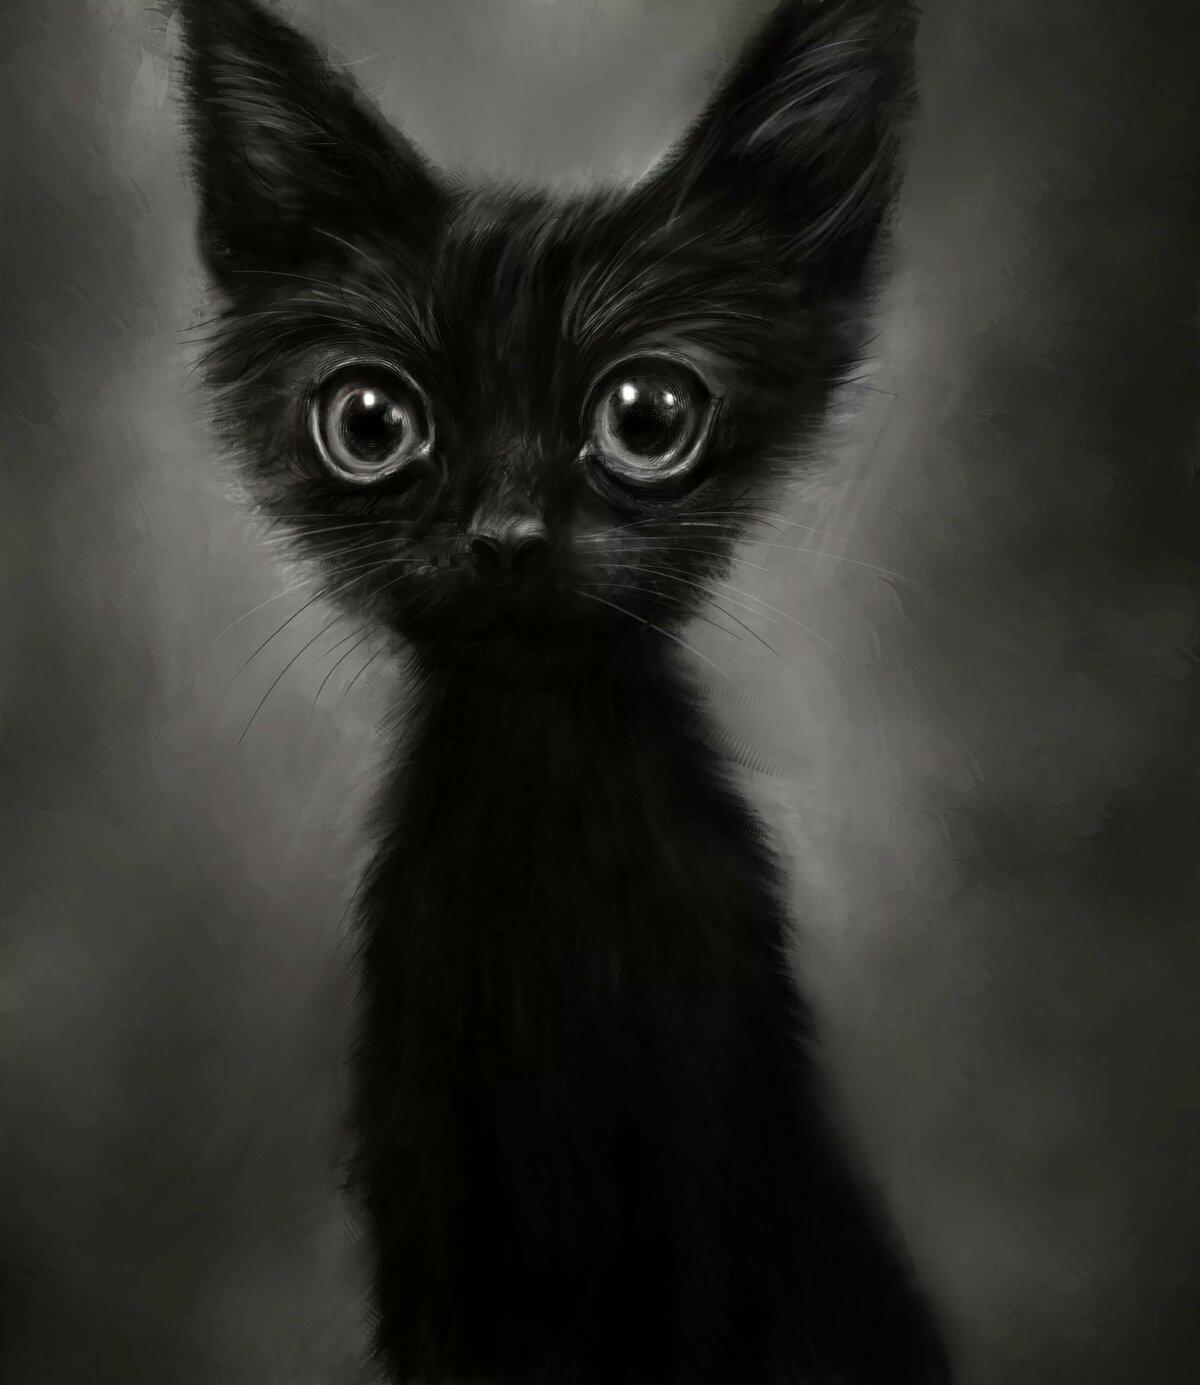 Картинки, смешные картинки черных котов